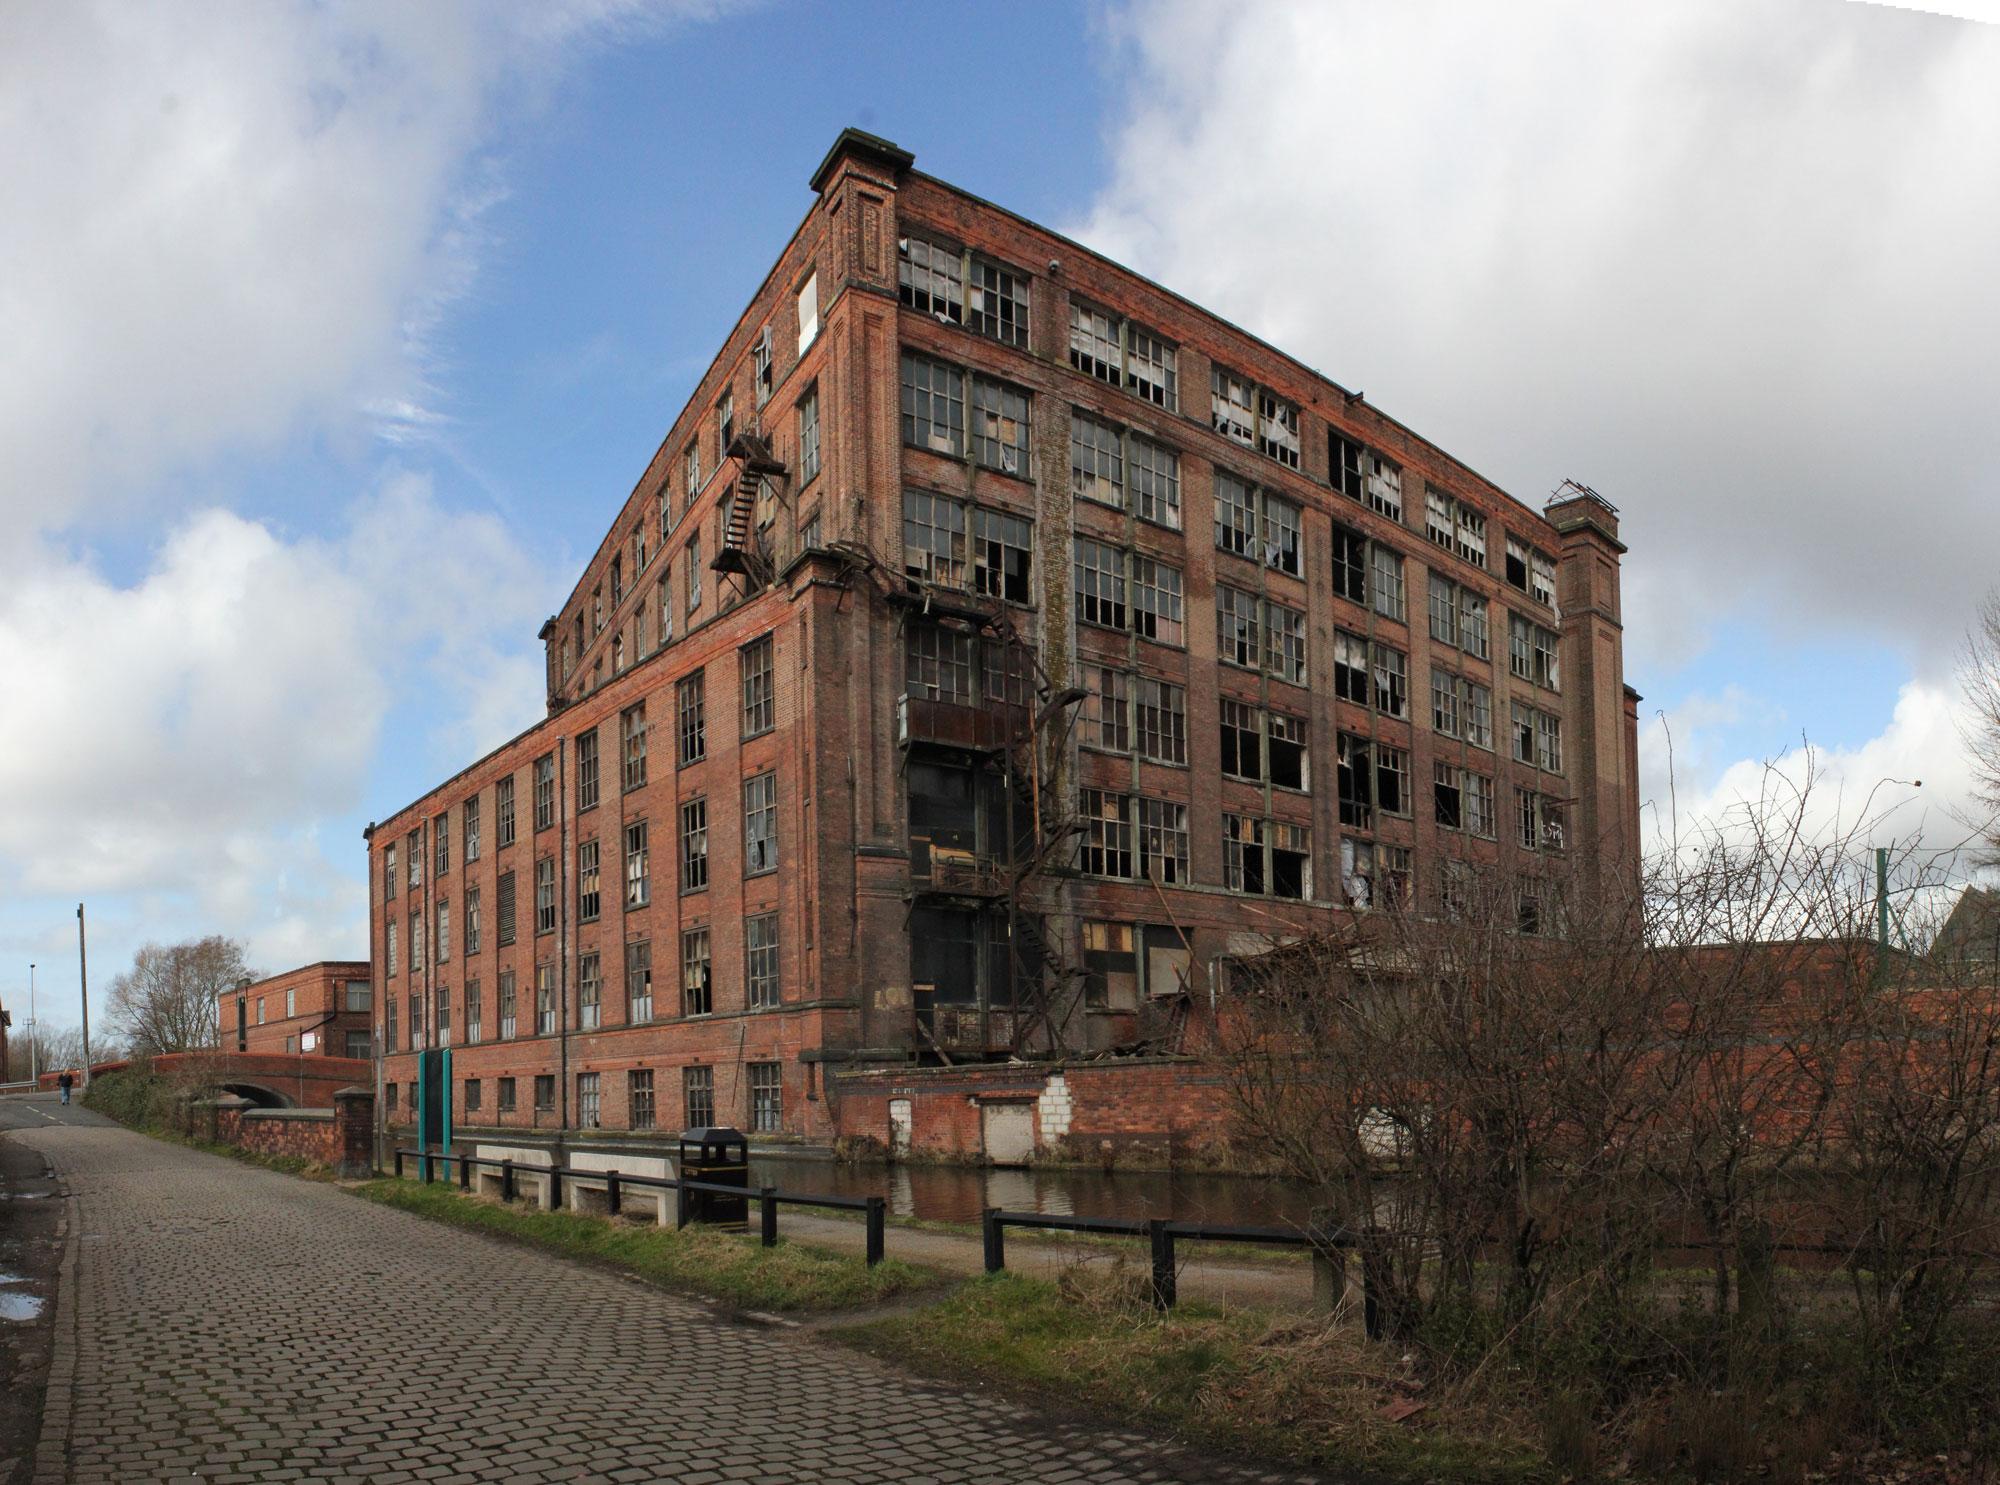 Mather Mill Exterior